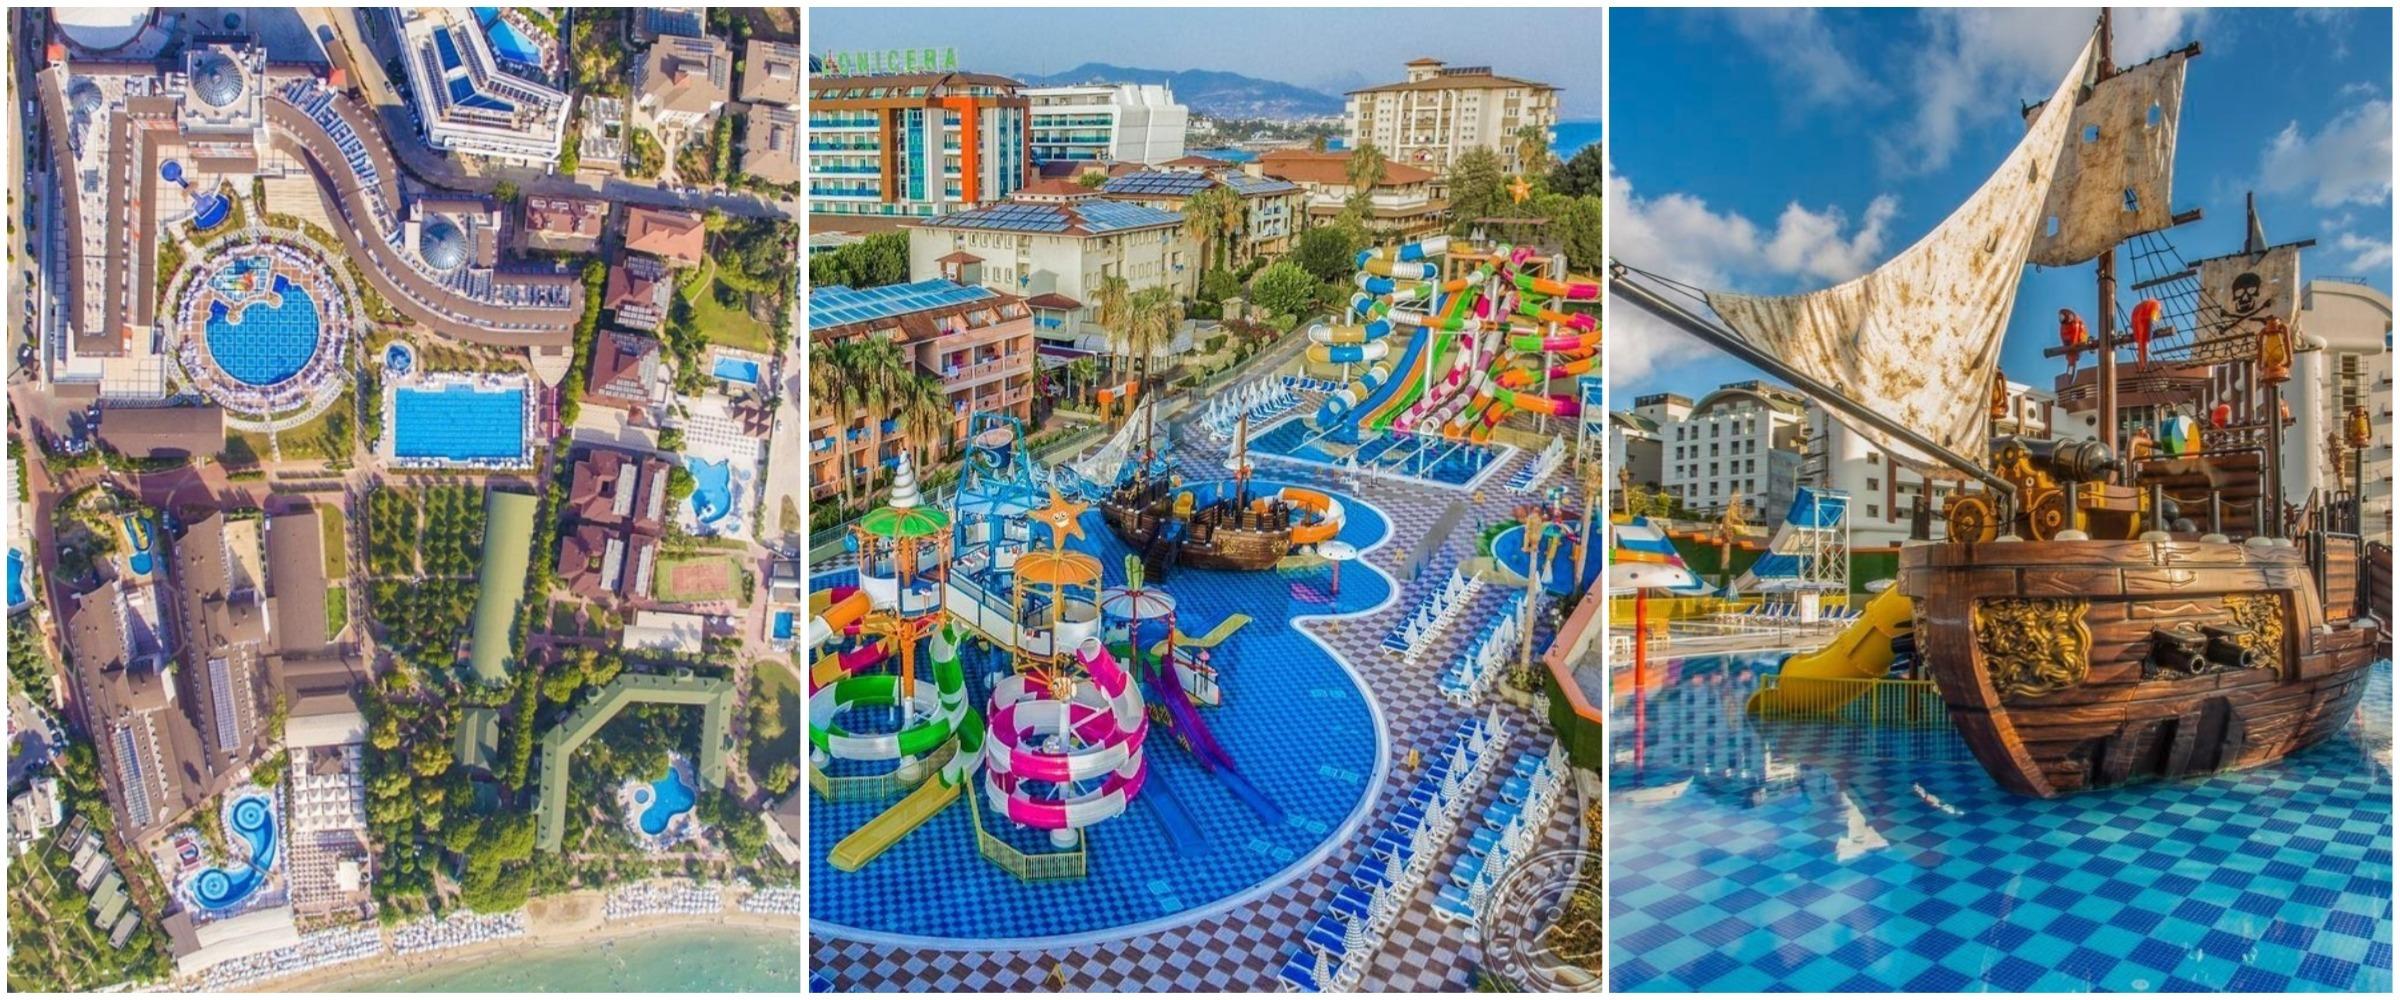 Lonicera Resort & Spa Hotel 5*